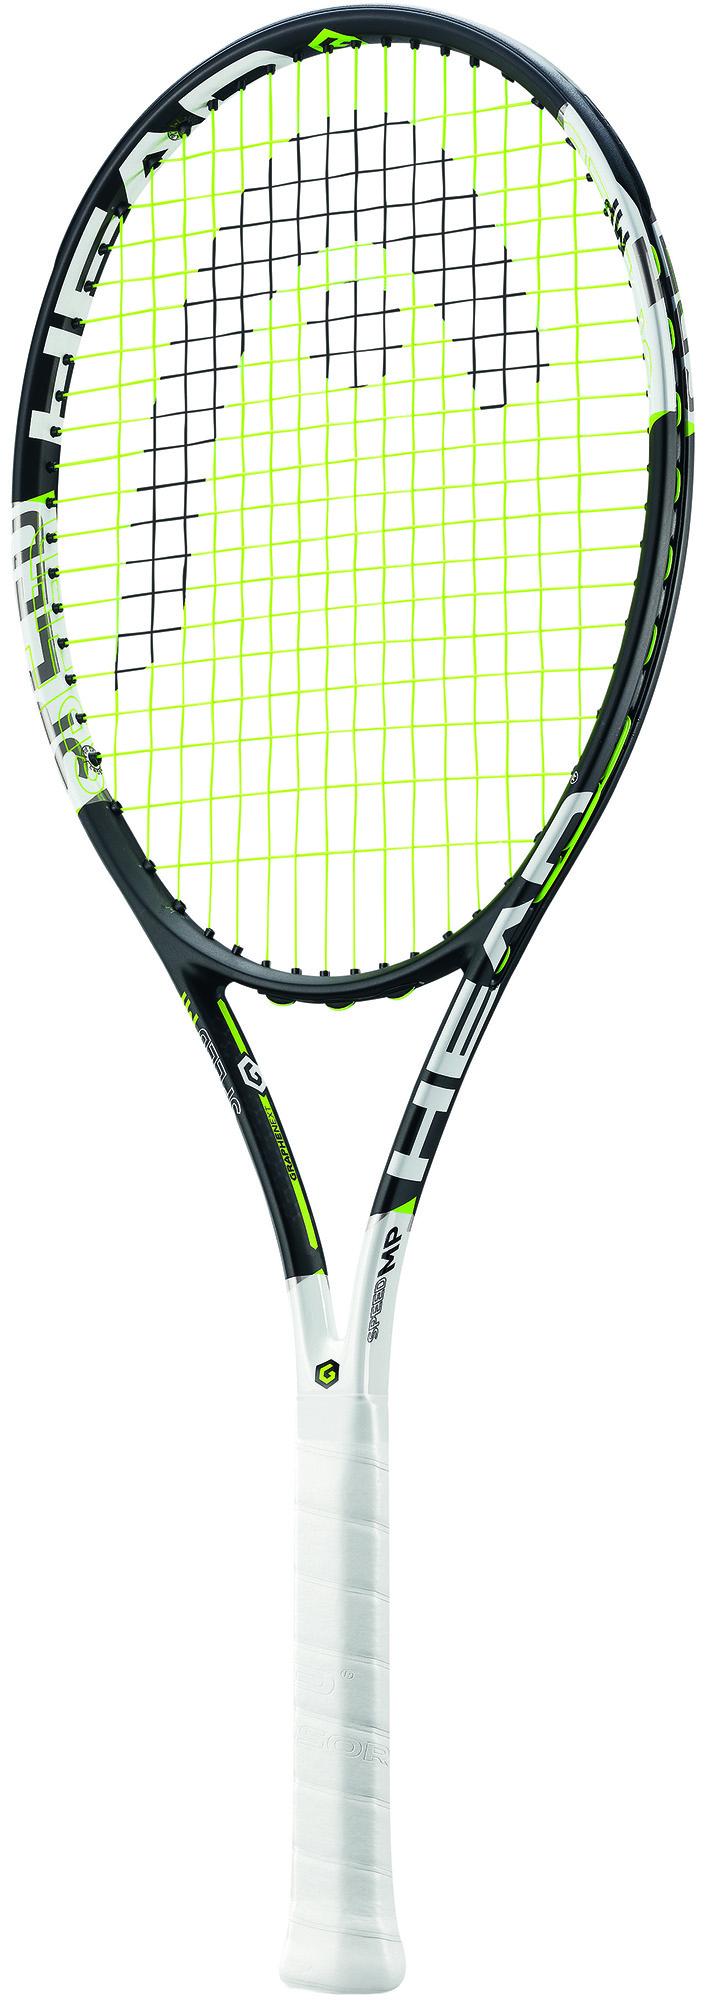 Head Ракетка для большого тенниса Head Graphene XT Speed MP цена